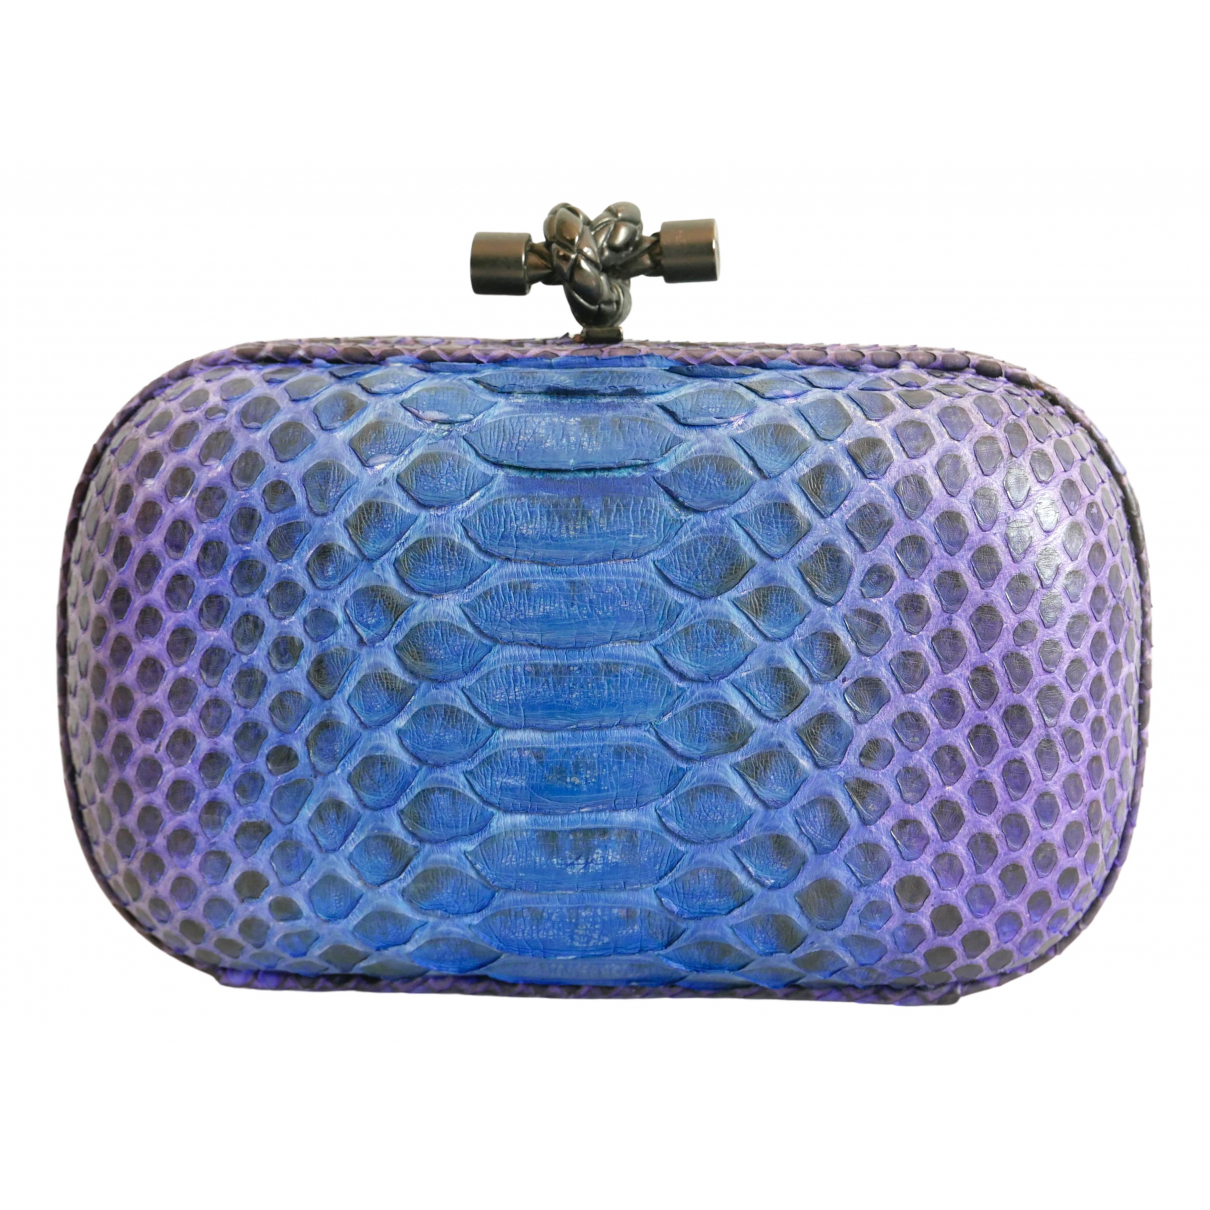 Bottega Veneta Pochette Knot Clutch in  Blau Python